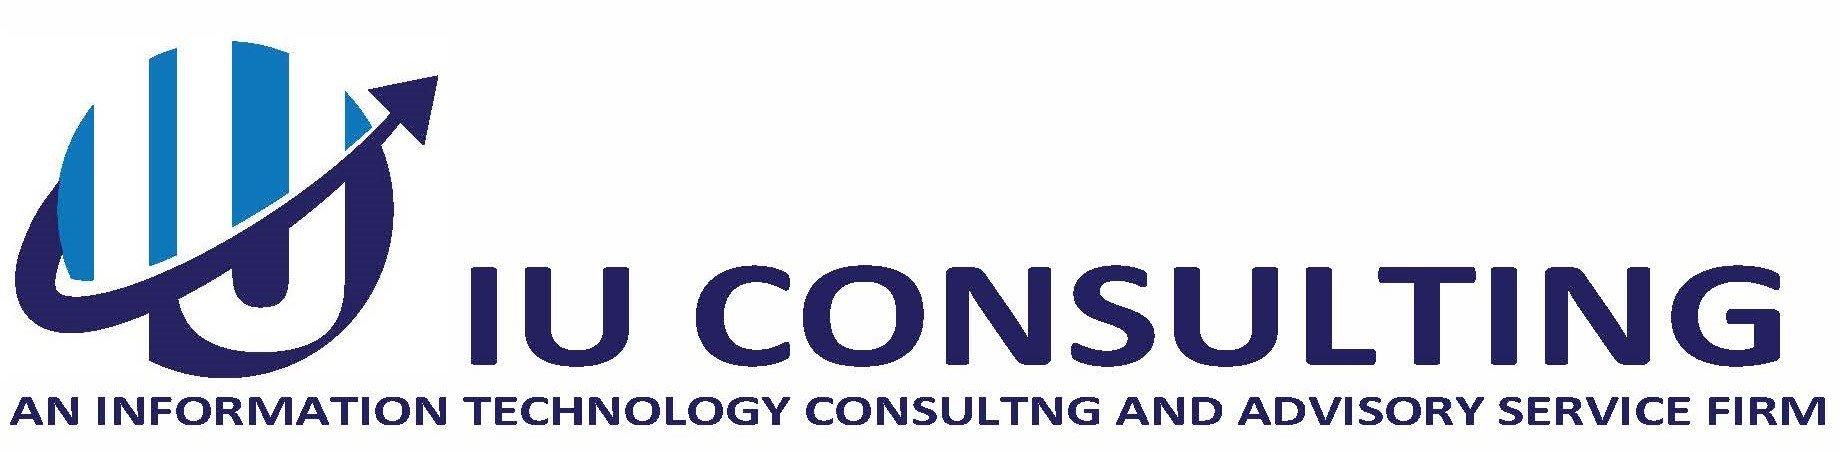 IU CONSULTING LLC